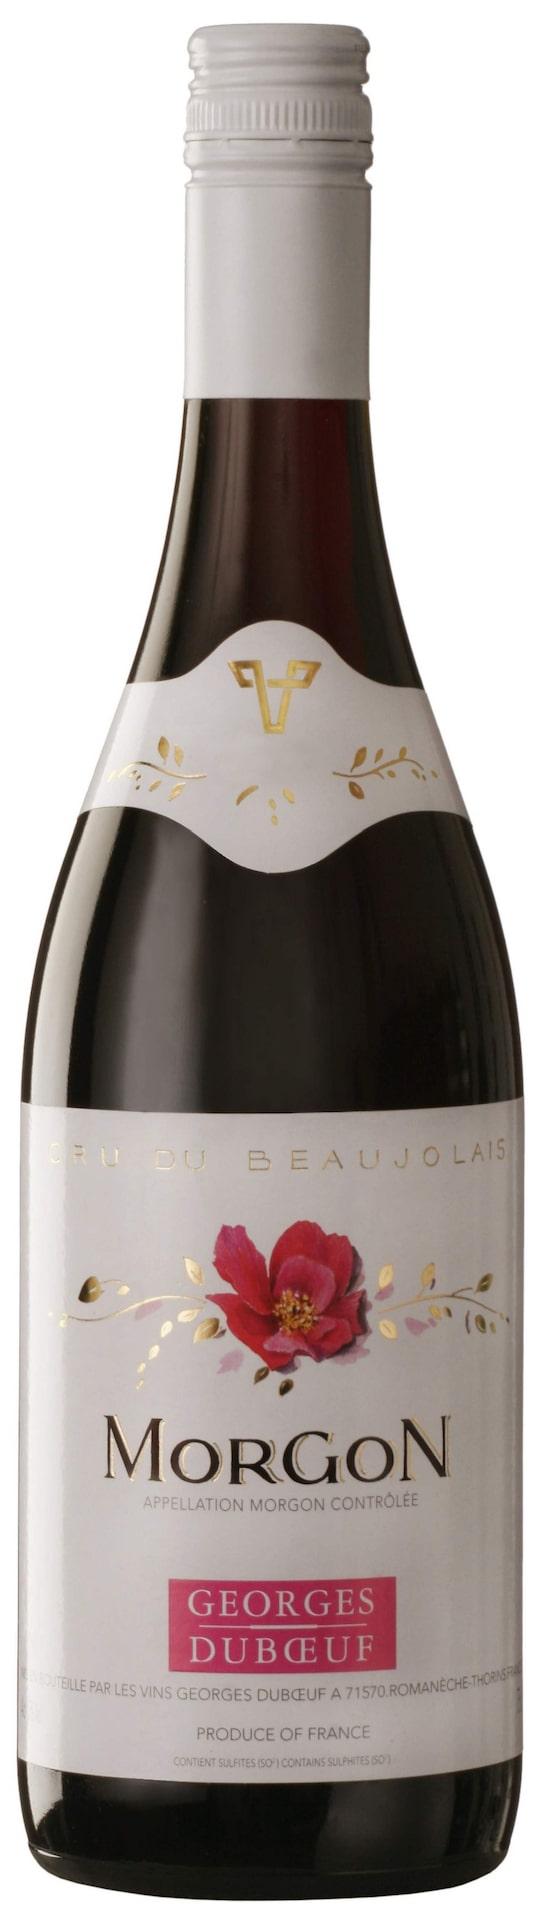 RöttMorgon 2012 (5106)Beaujolais, 89 krMjukt med toner av röda bär. Frisk fruktsyra och lite örtiga drag i smaken. Trevligt i anspråkslös stil. Serveras lite svalt till stekt fisk.